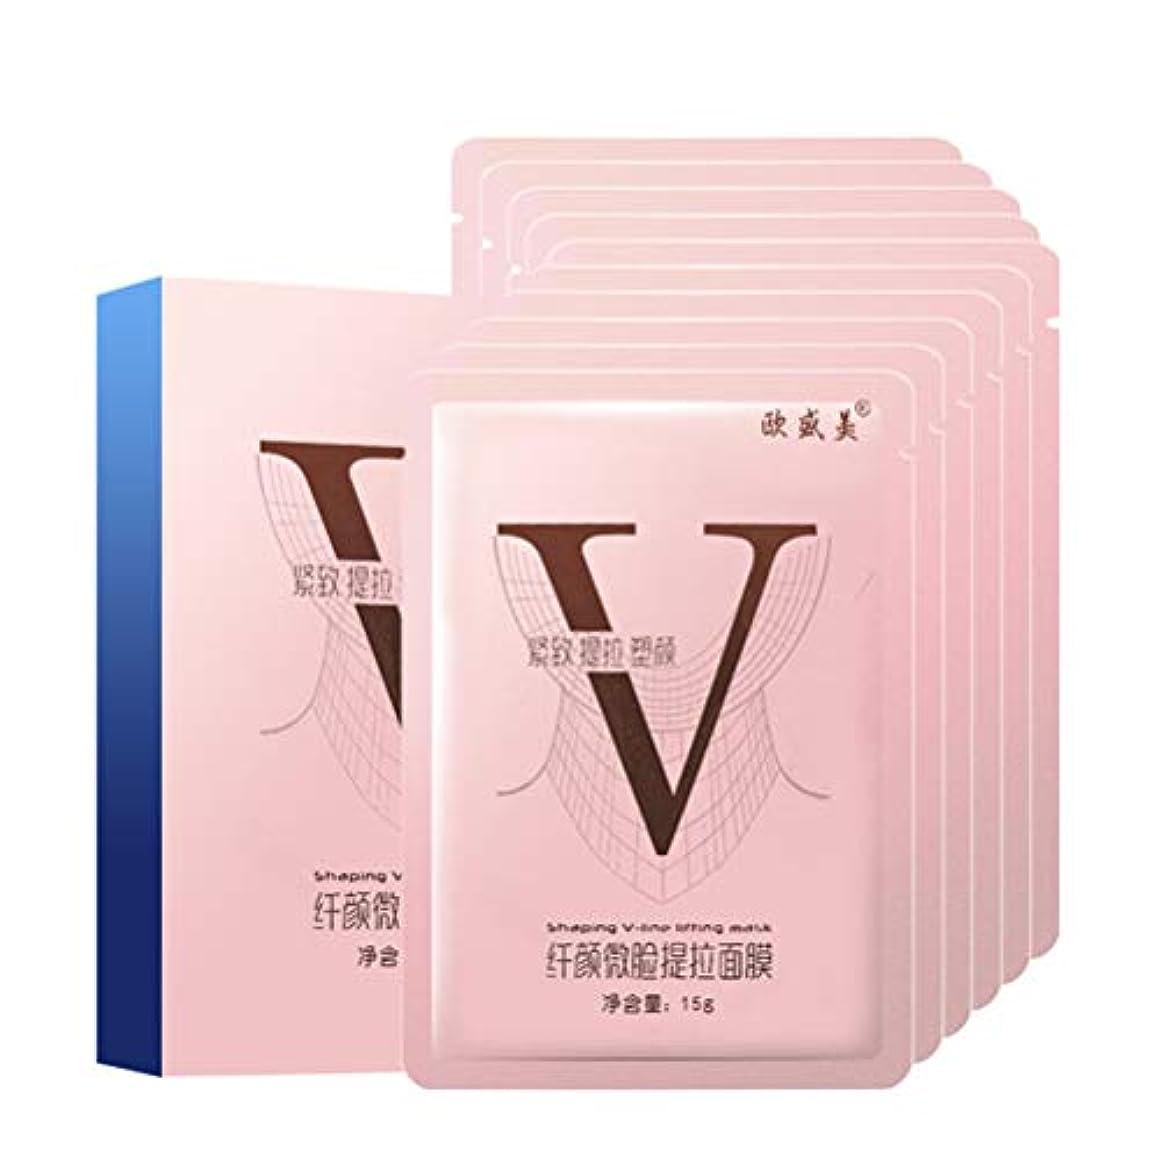 今日優れた悪因子Healifty 1箱フェイシャルリフティングバンドVラインフェイスマスクダブルチンリデューサー引き締めと保湿リフティングチンアップマスク(1箱/ 10個)